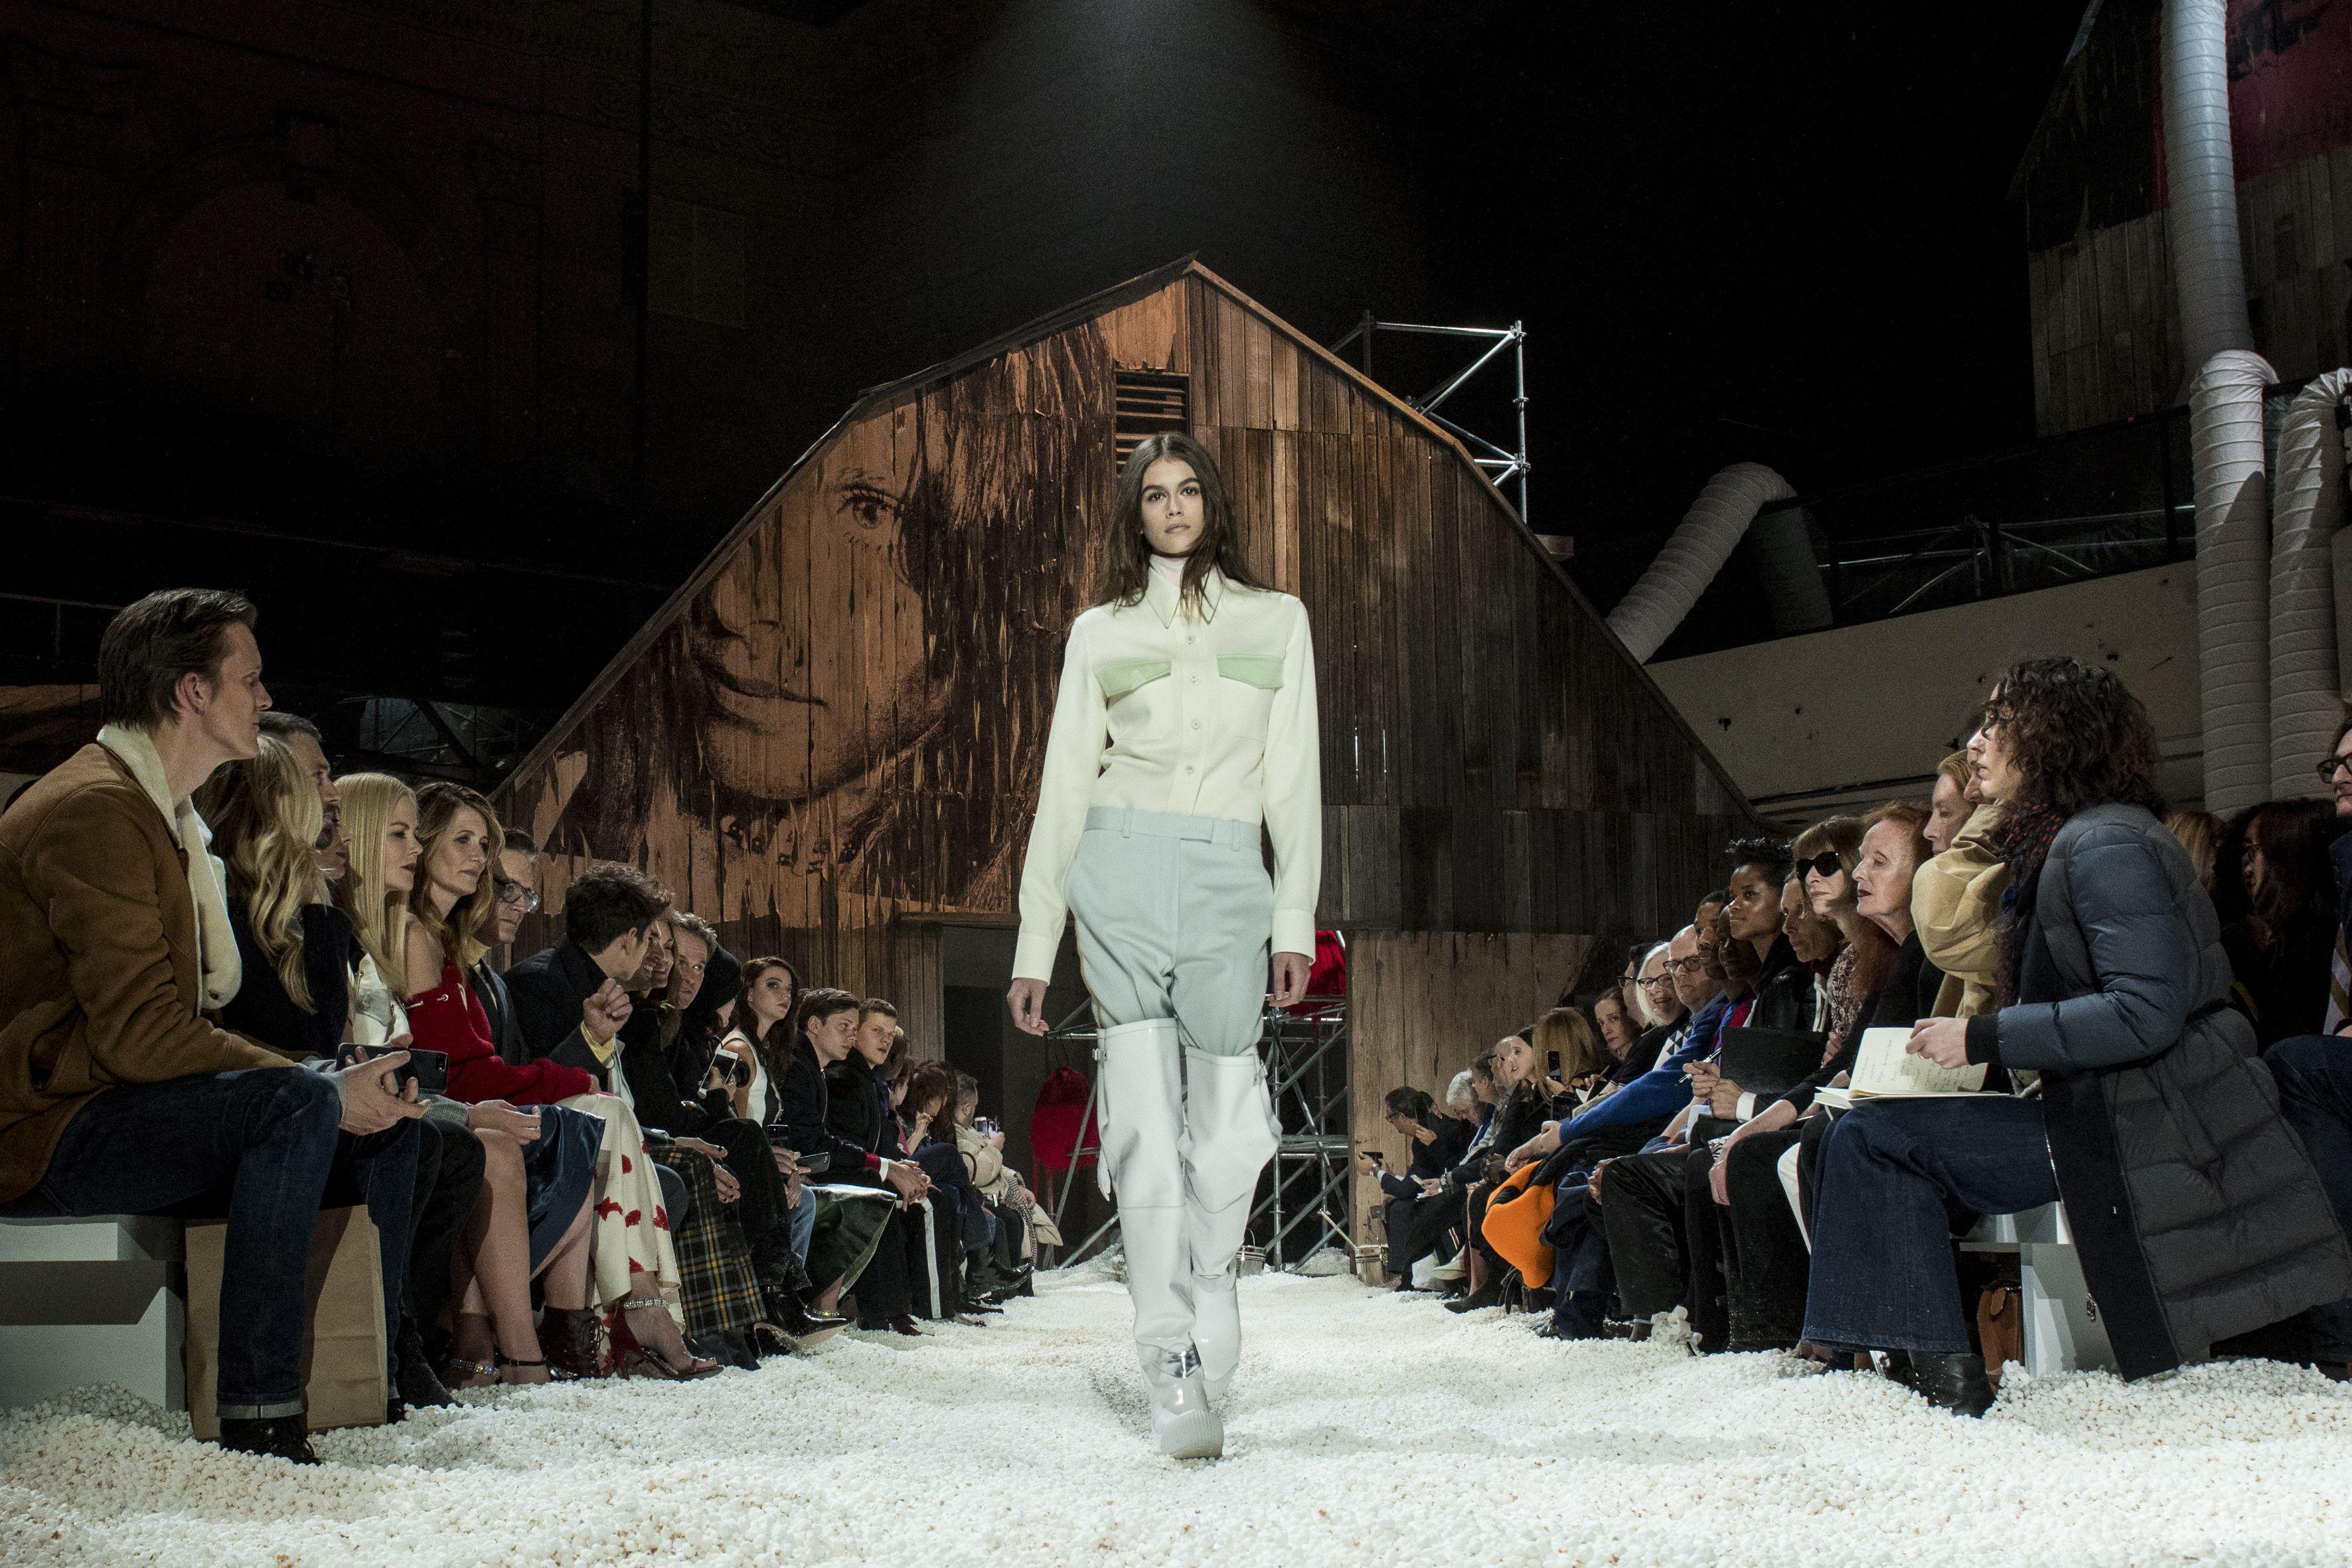 Fur-free fashion houses